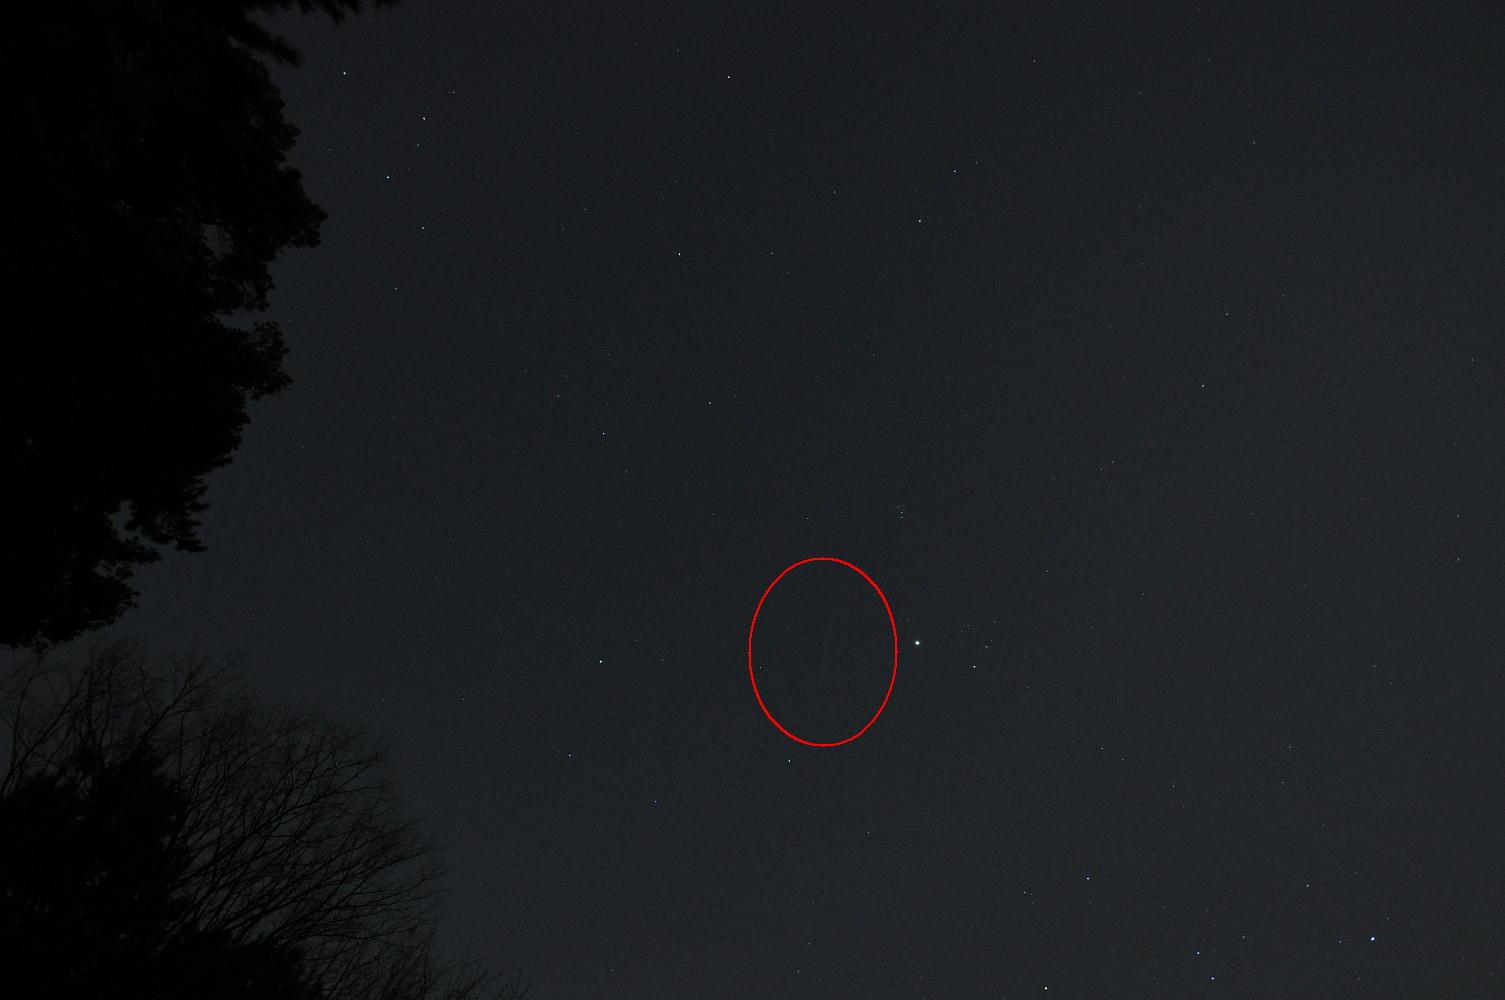 双子座流星群